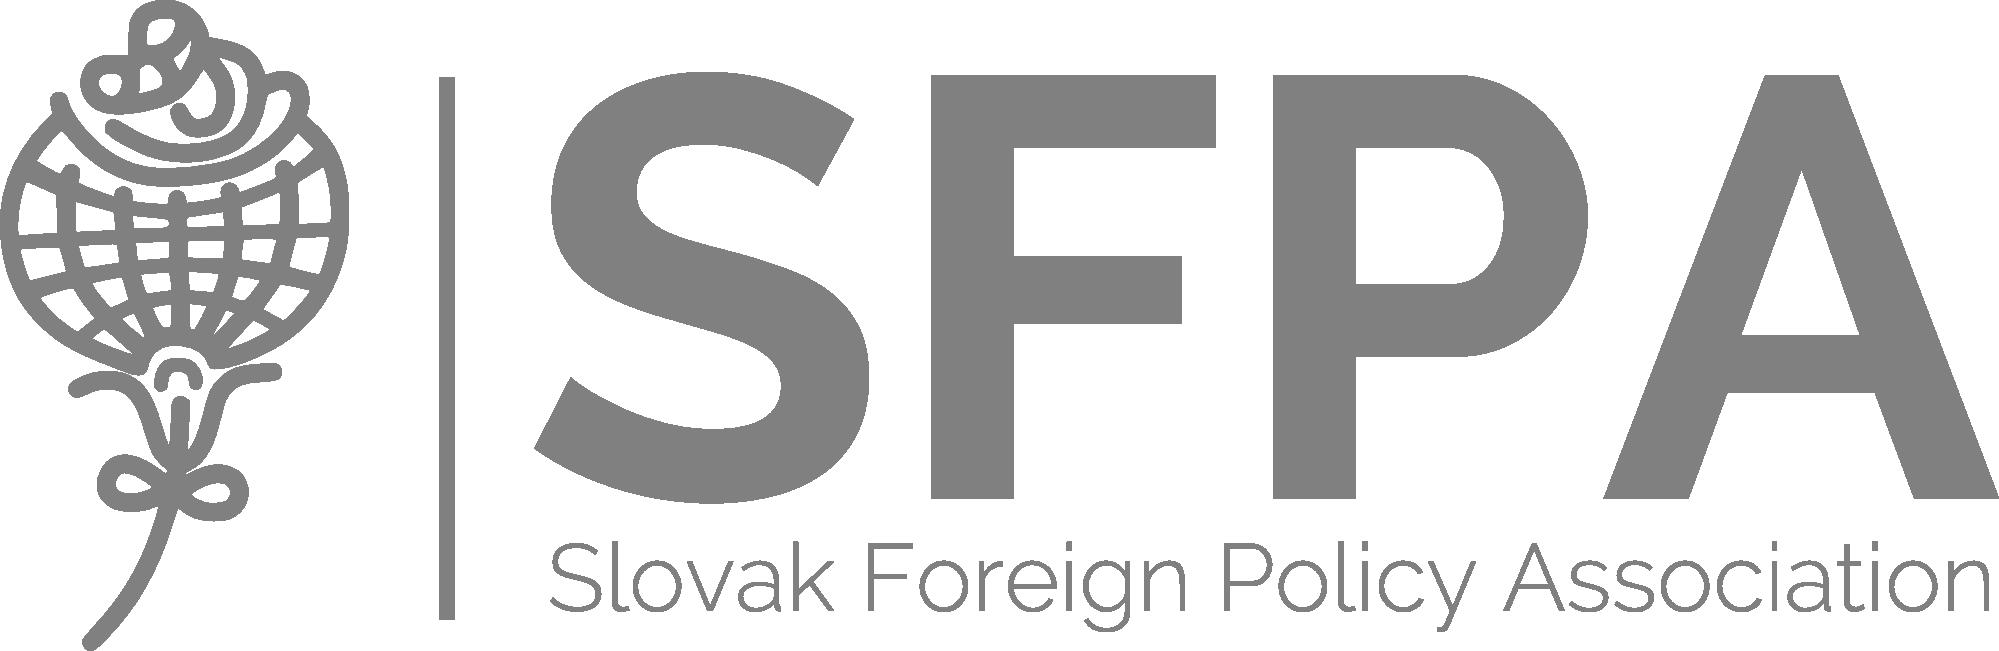 Výskumné centrum Slovenskej spoločnosti pre zahraničnú politiku